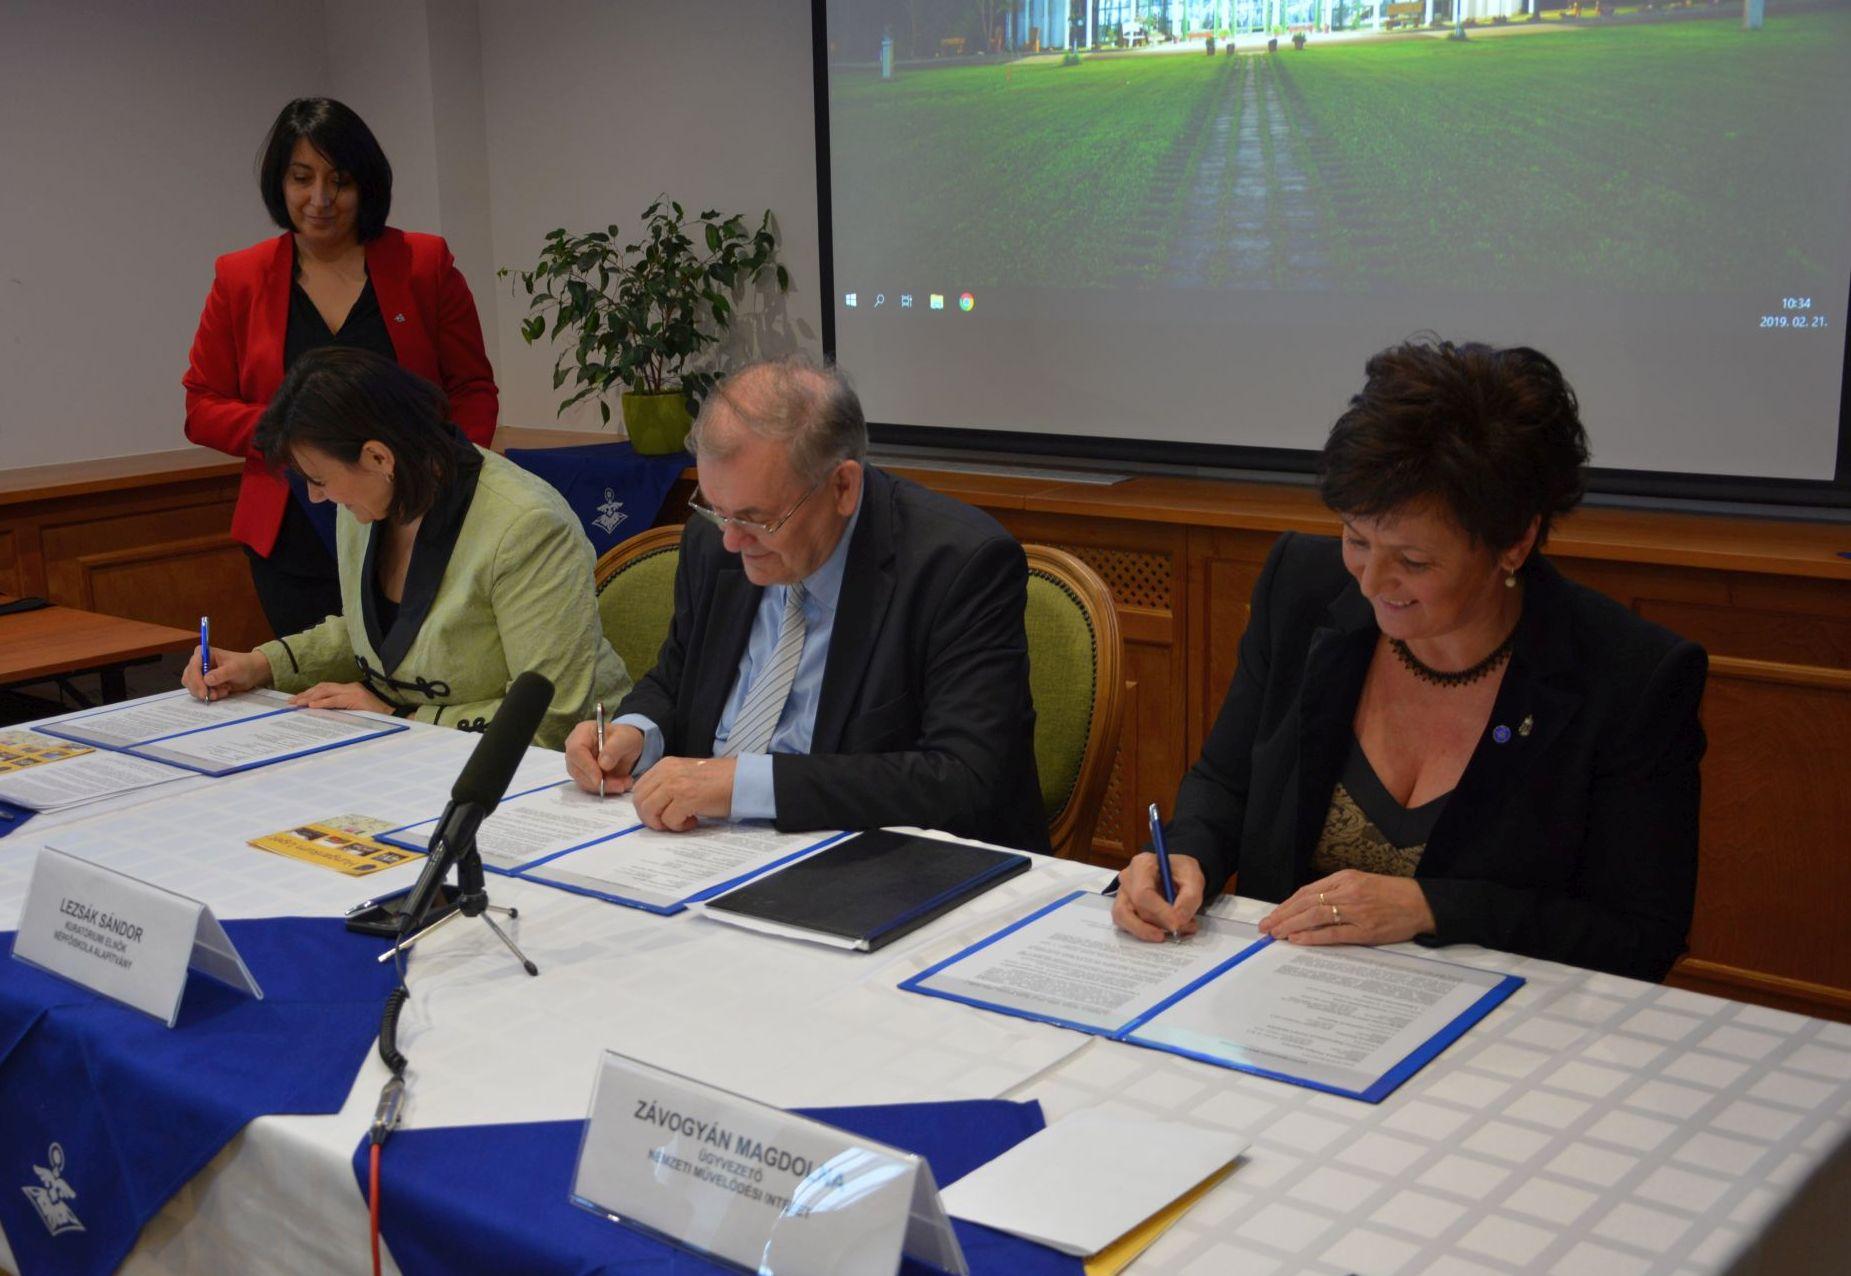 Három szervezet együttműködése a családokat erősítő kulturális értékekért